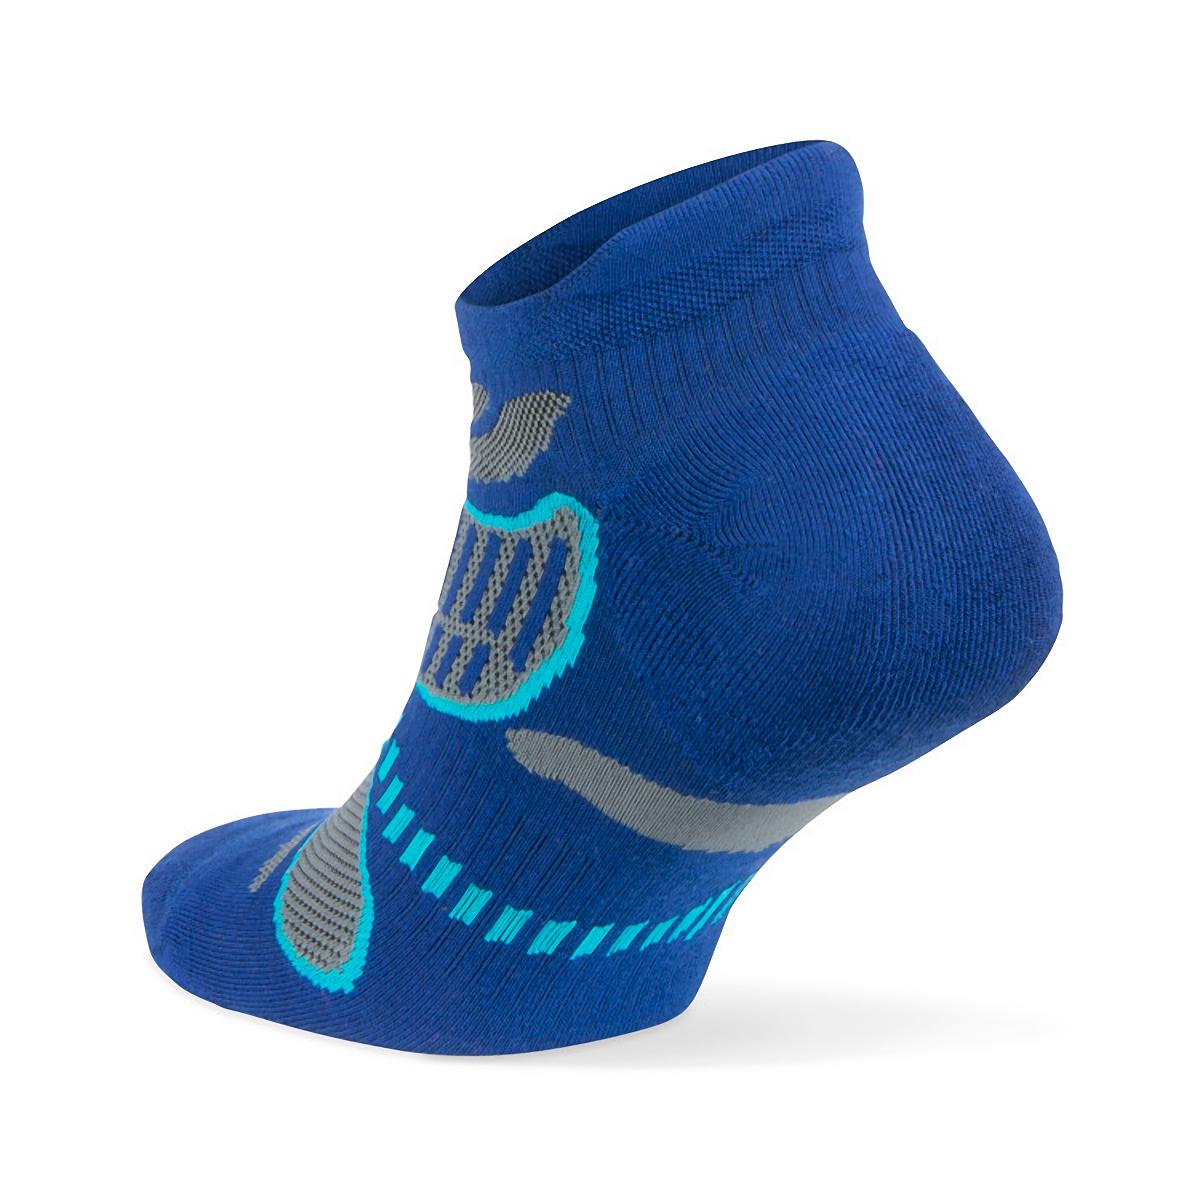 Balega Ultra Light No Show Tab Socks - Color: Cobalt - Size: S, Cobalt, large, image 2